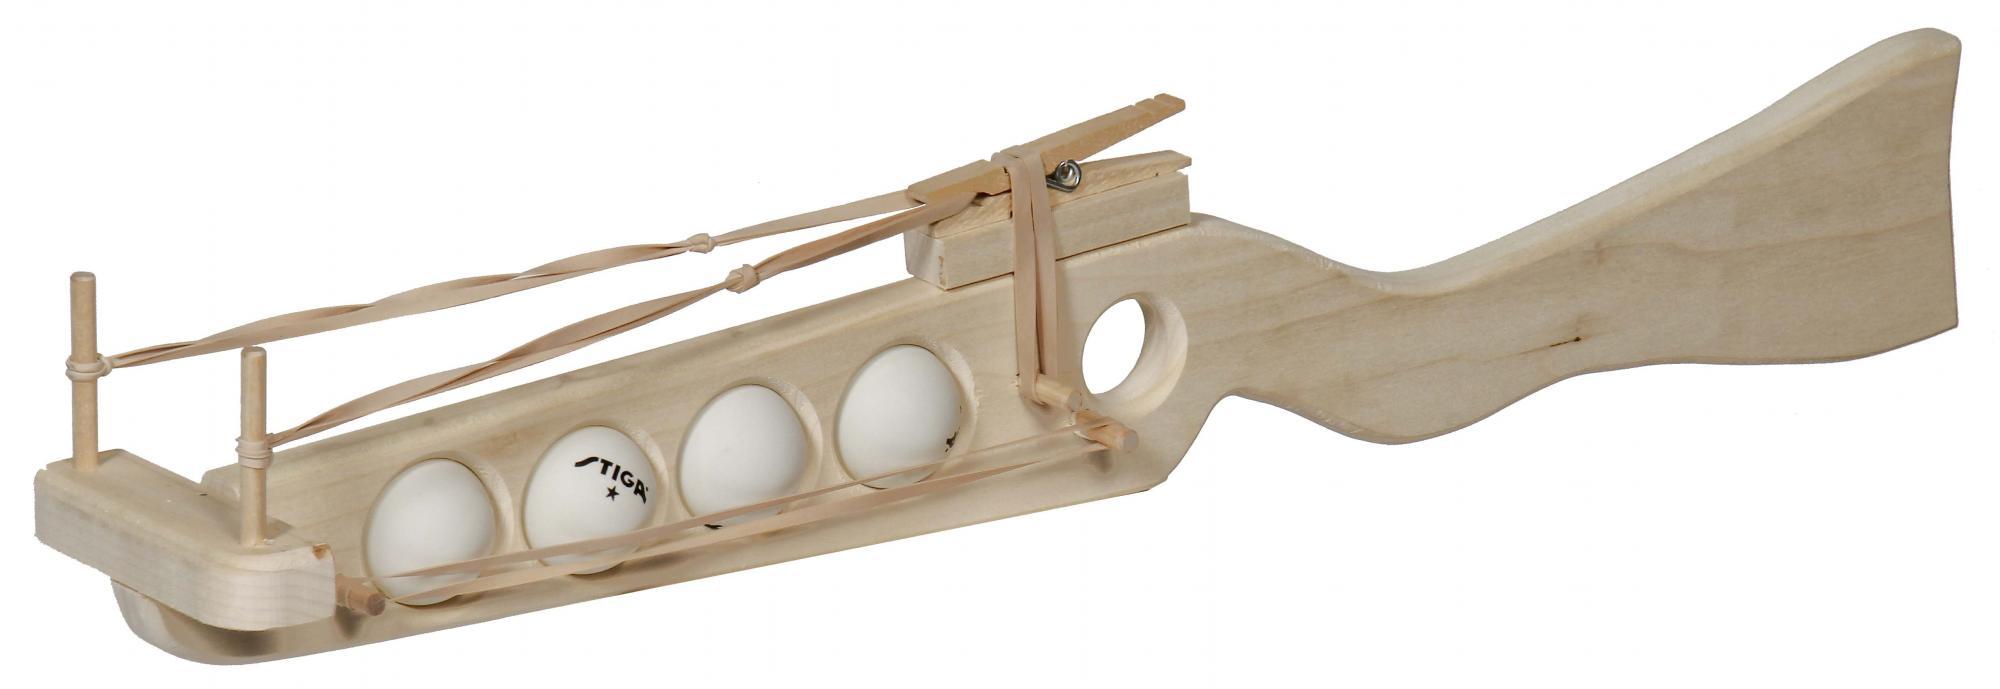 Rubber Band And Ping Pong Ball Guns Amish Furniture